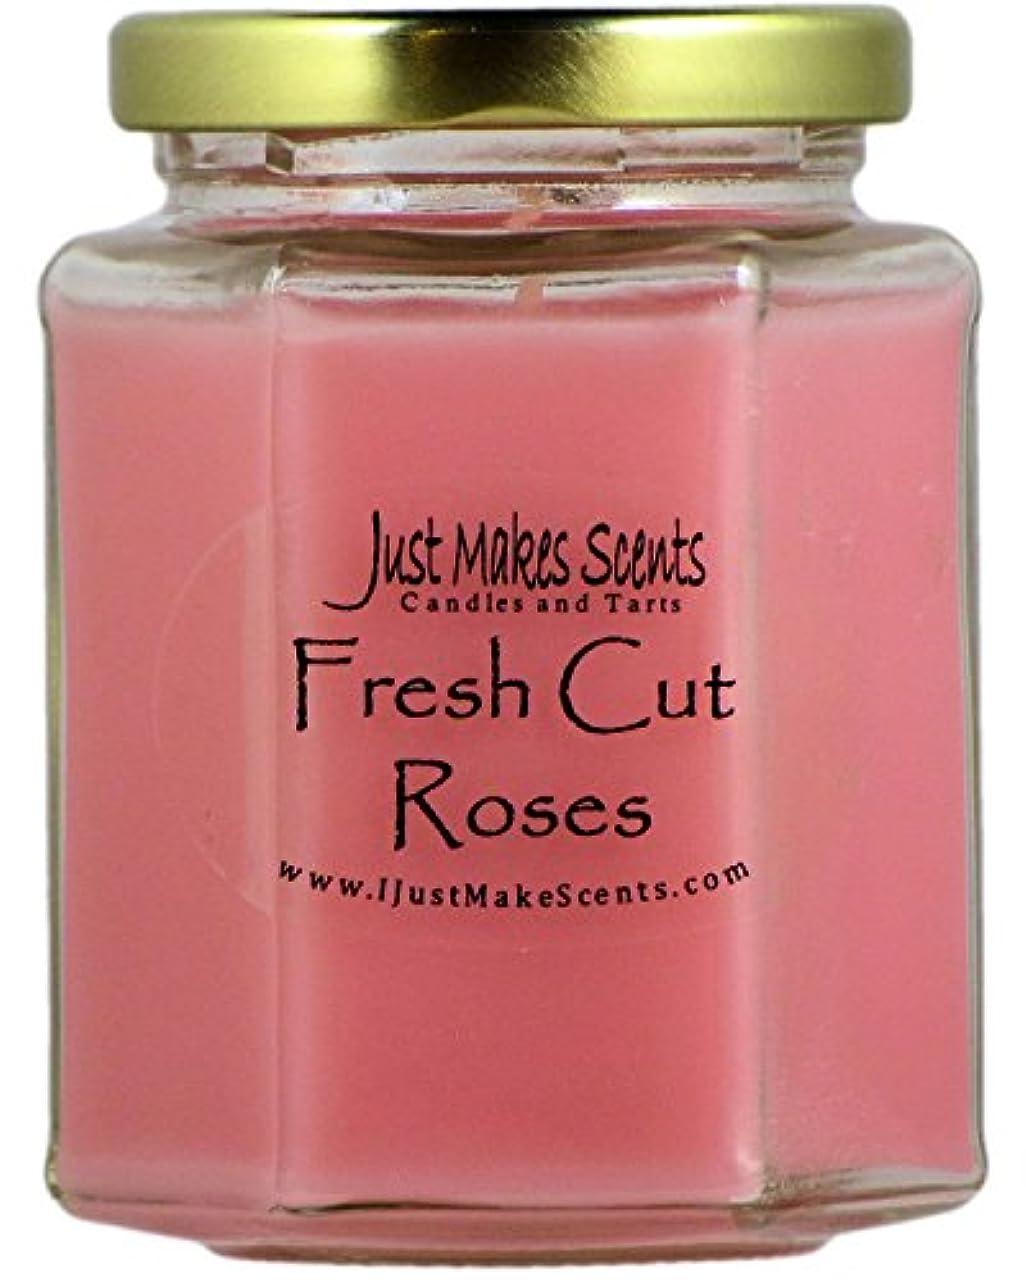 奨励します排除きゅうりFresh Cut Roses ( Compare to Yankee Candle )香りつきBlended Soy Candle by Just Makes Scents